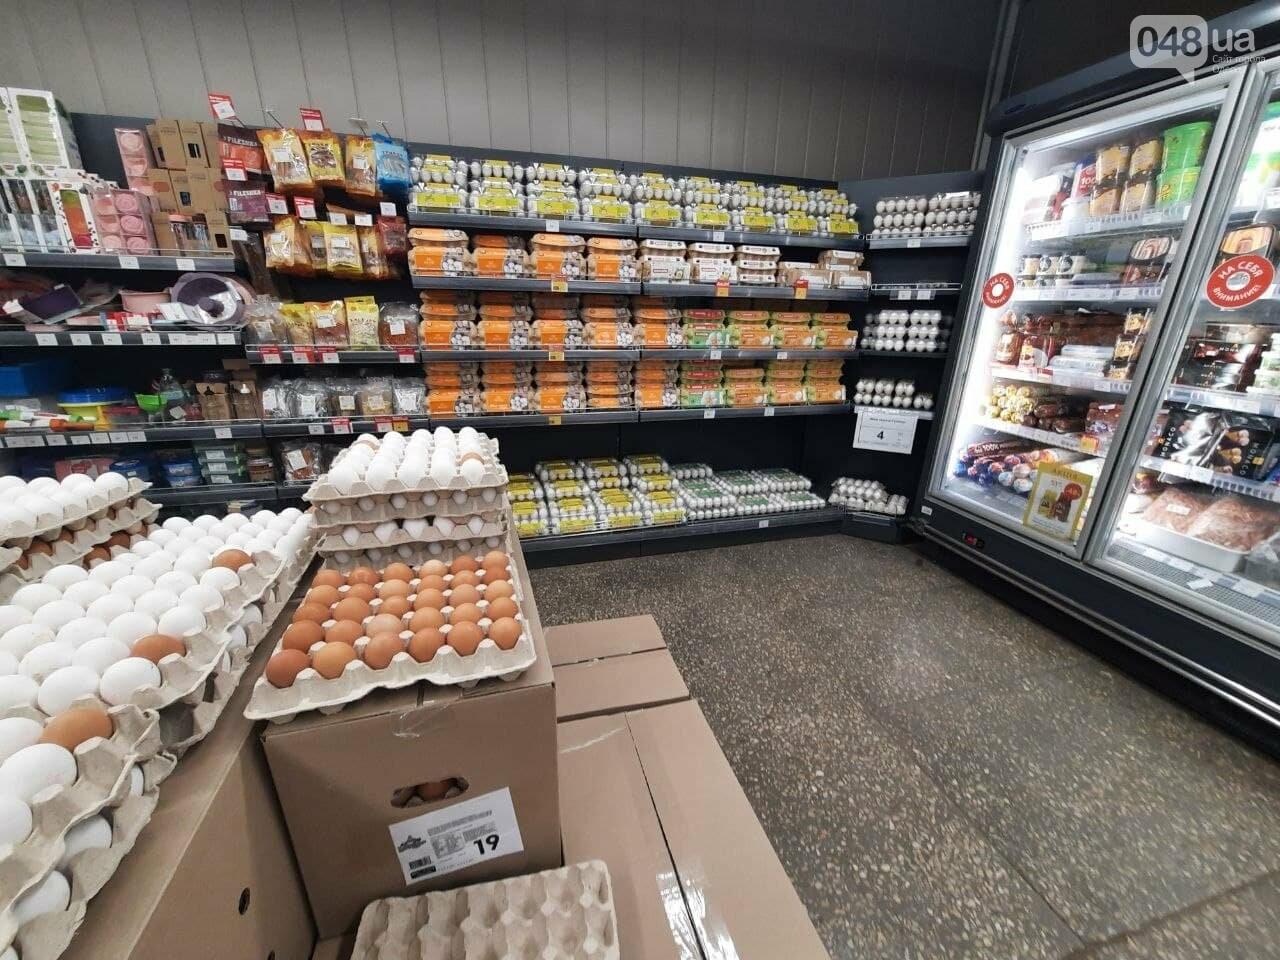 Где купить куриные яйца по самой выгодной цене: супермаркеты Одессы, - ФОТО, фото-3